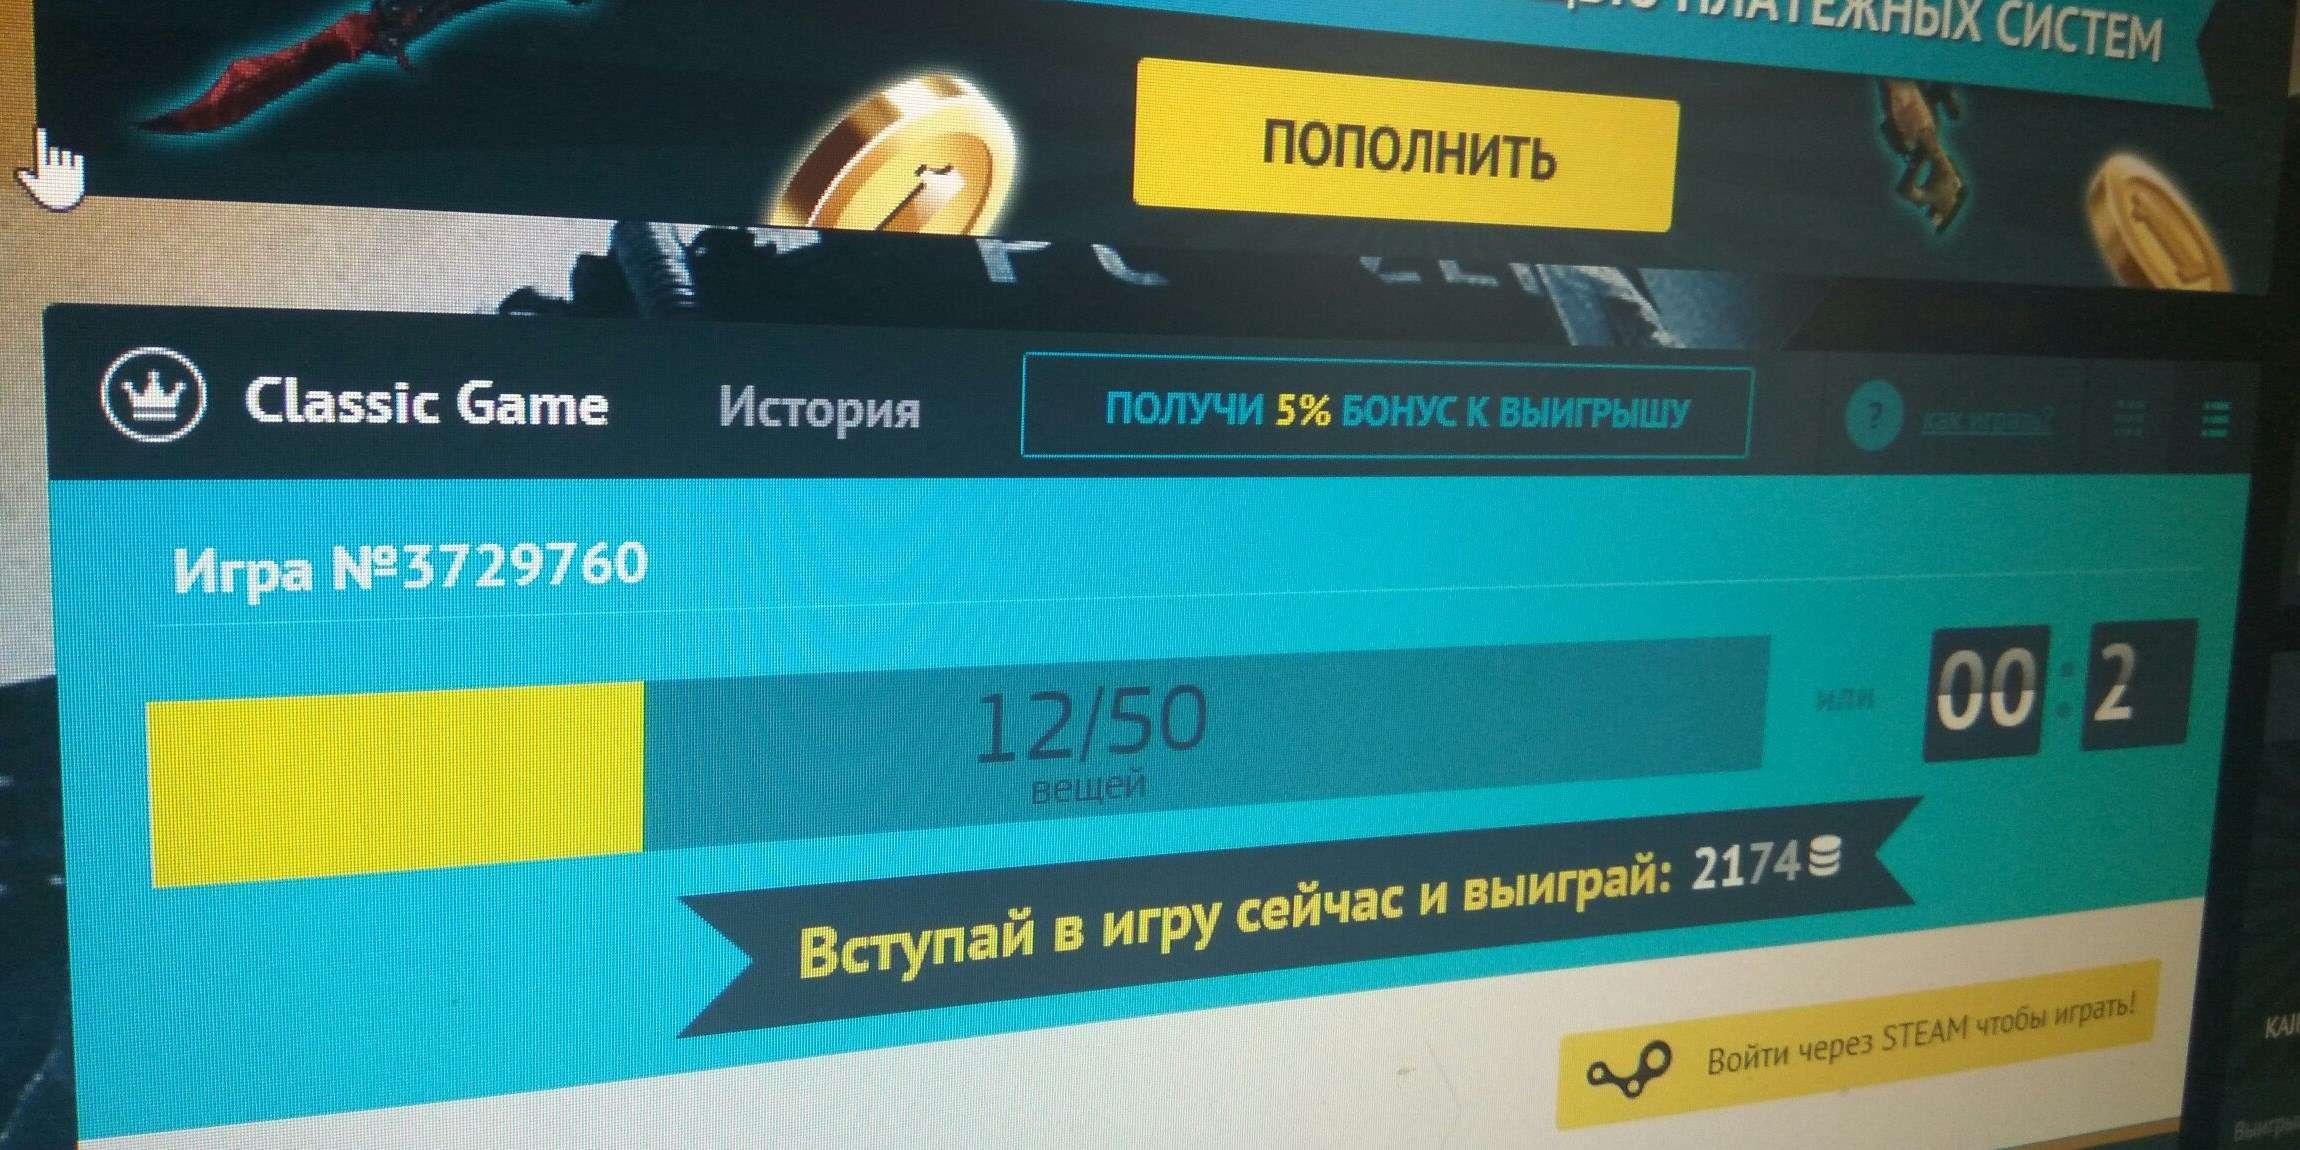 Фишки казино кс го magic money игровые автоматы besplatno